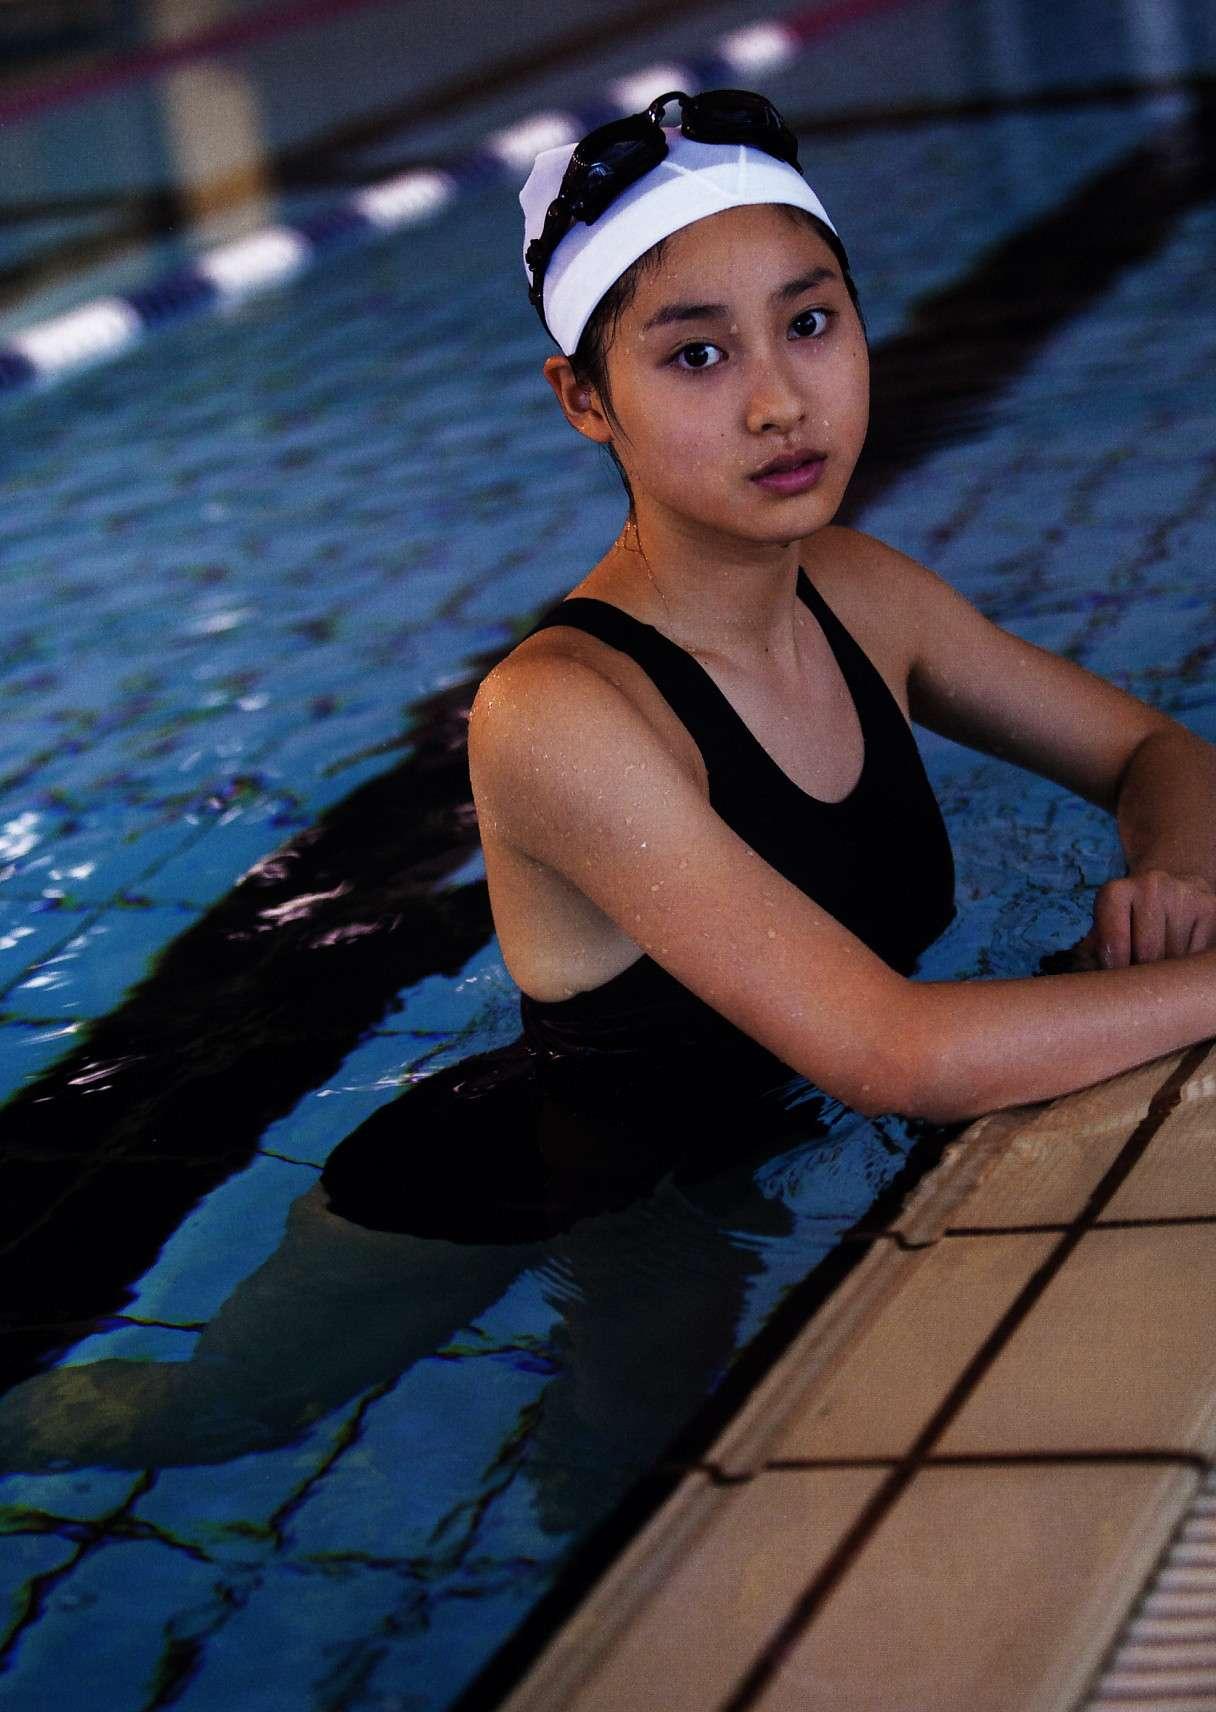 土屋太鳳(22)のアイコラ・胸チラ・グラビア…etcエロ画像80枚・105枚目の画像